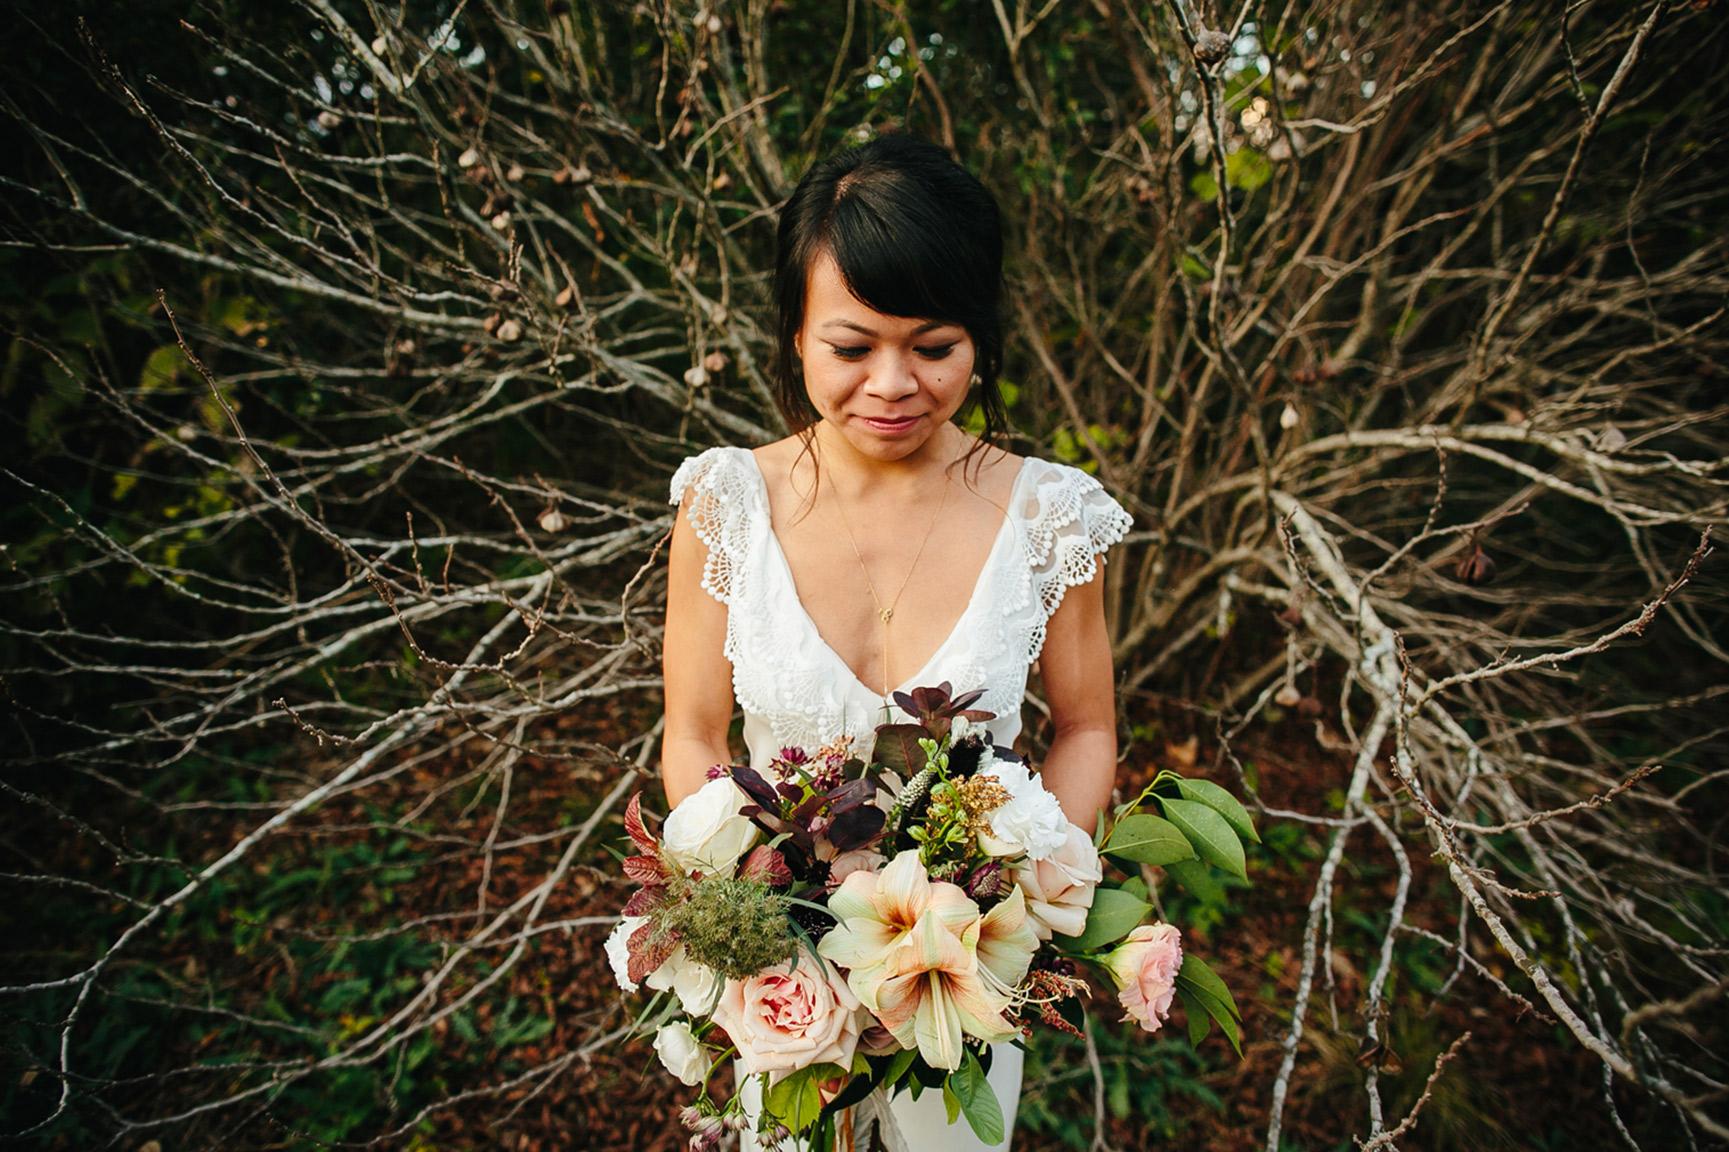 austin_WeddingPhotographer_009.jpg